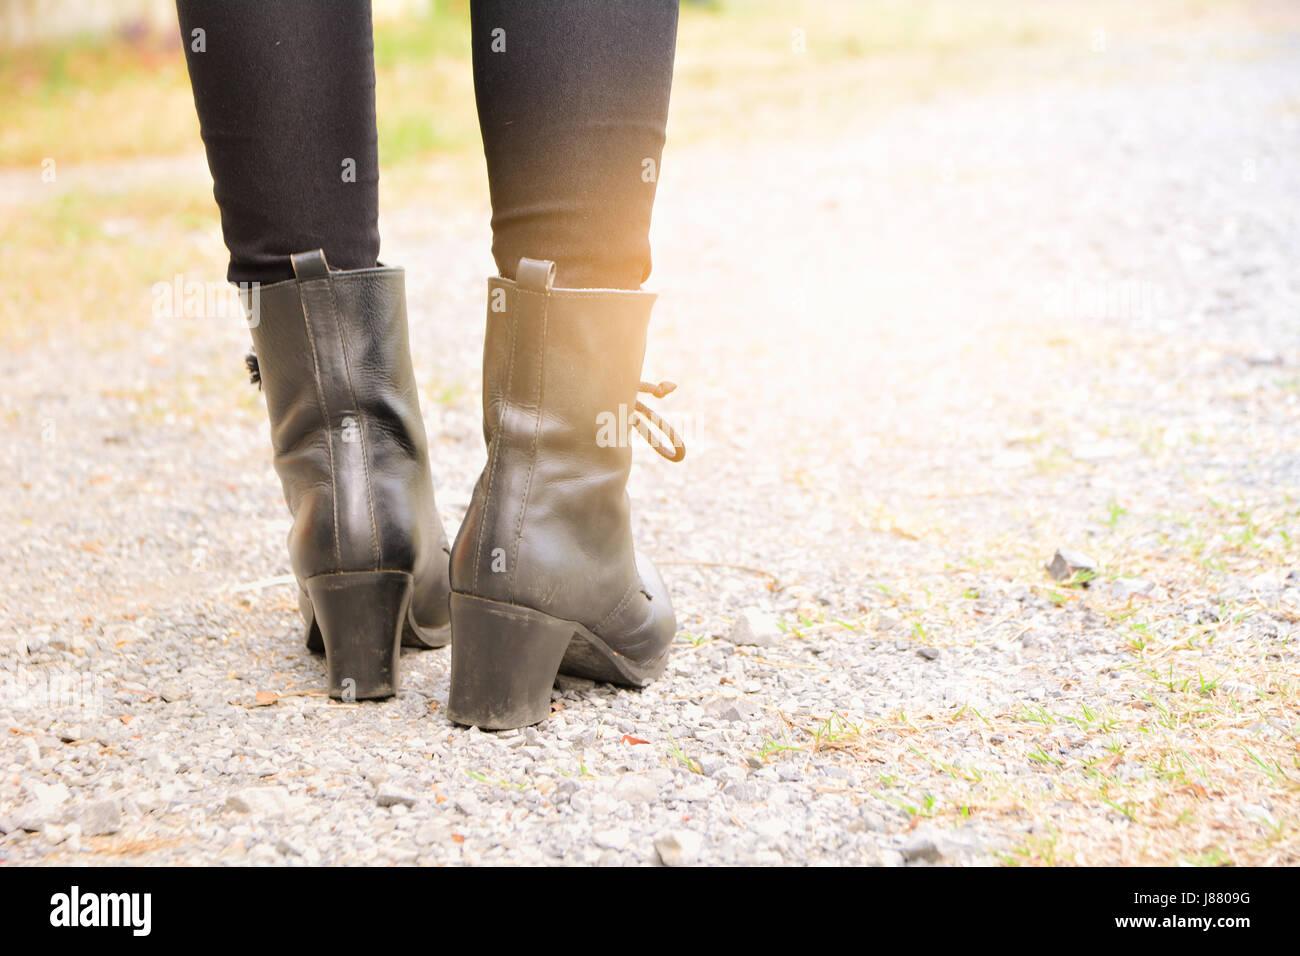 Una donna gambe indossando stivali neri con tacco alto Foto